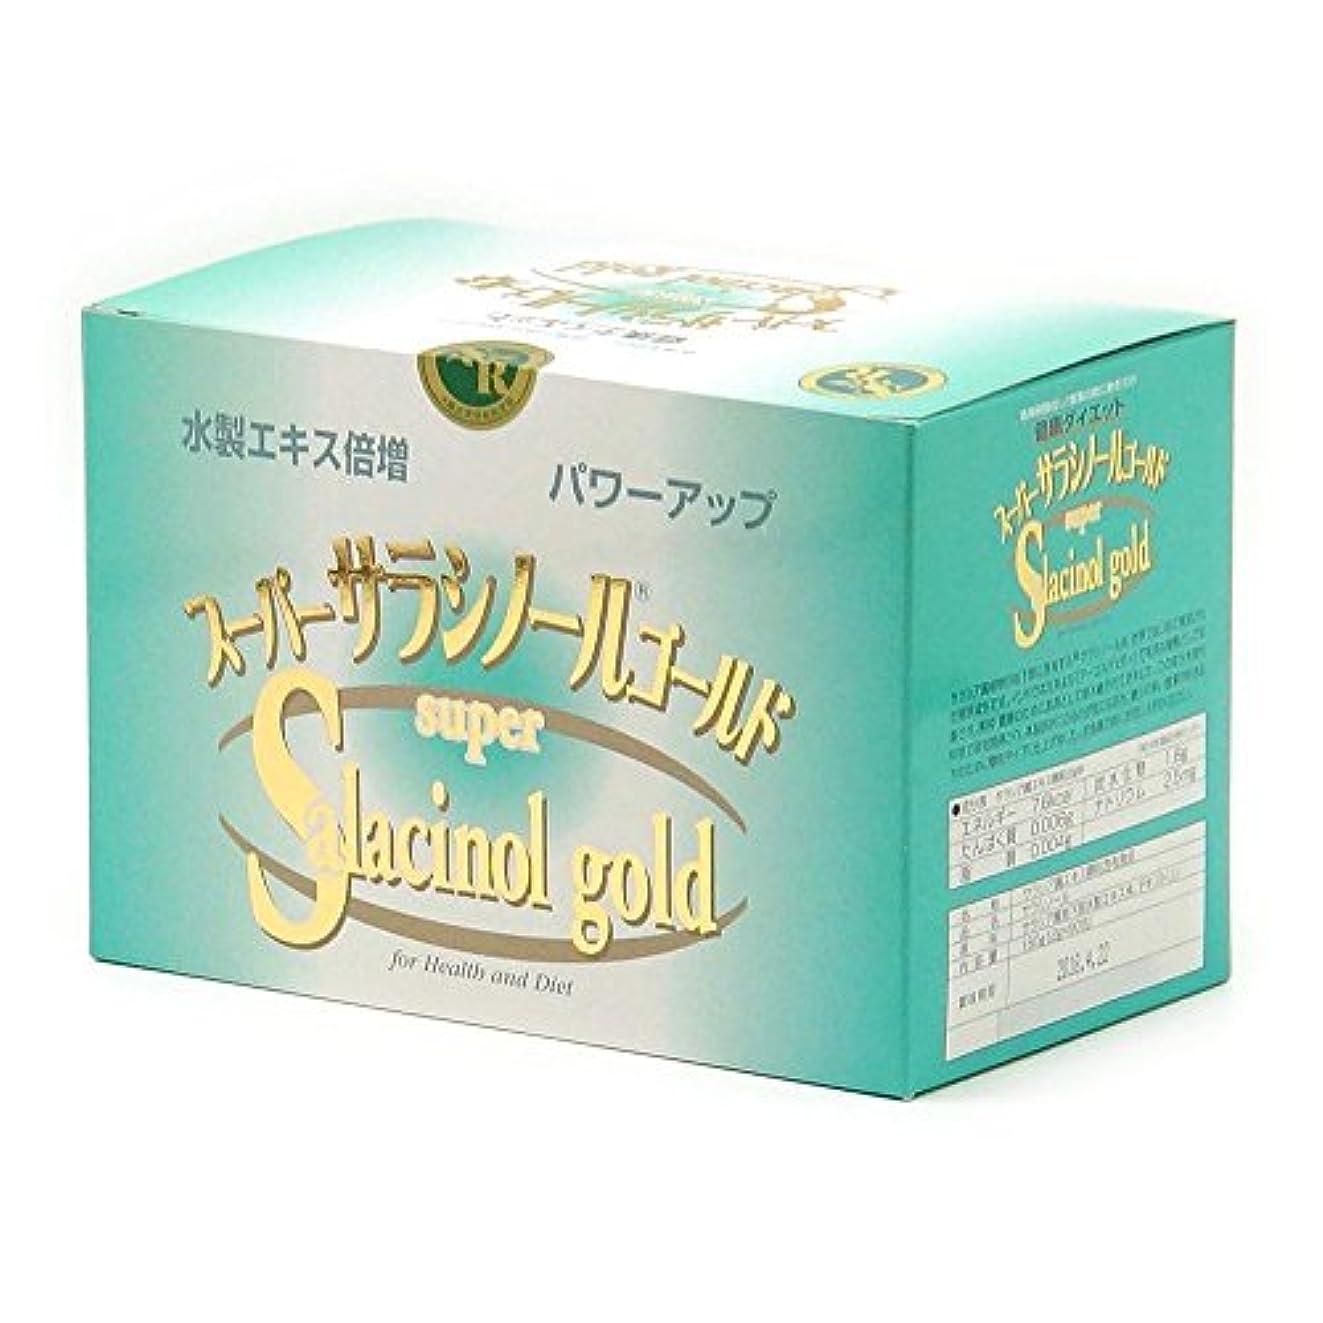 リングレット精巧な予測するスーパーサラシノールゴールド 2g×90包×3箱セット